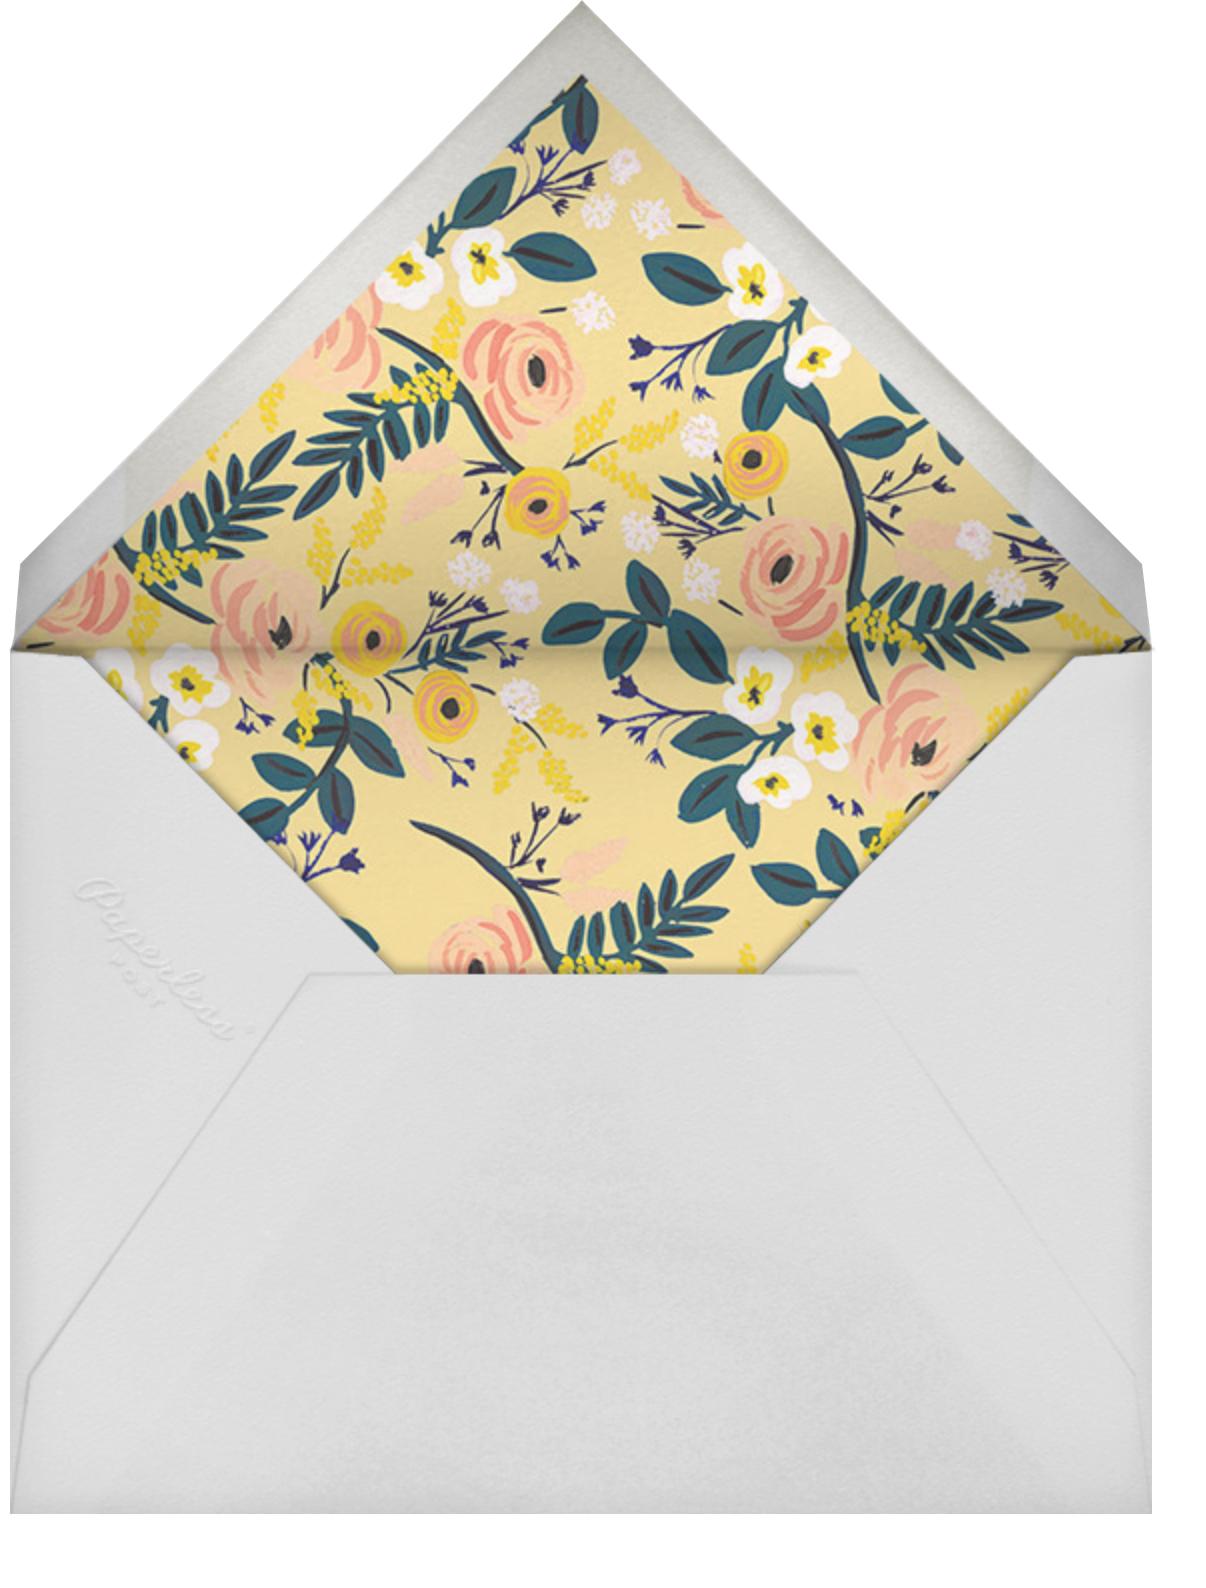 Stork's Bundle - Rifle Paper Co. - Baby shower - envelope back